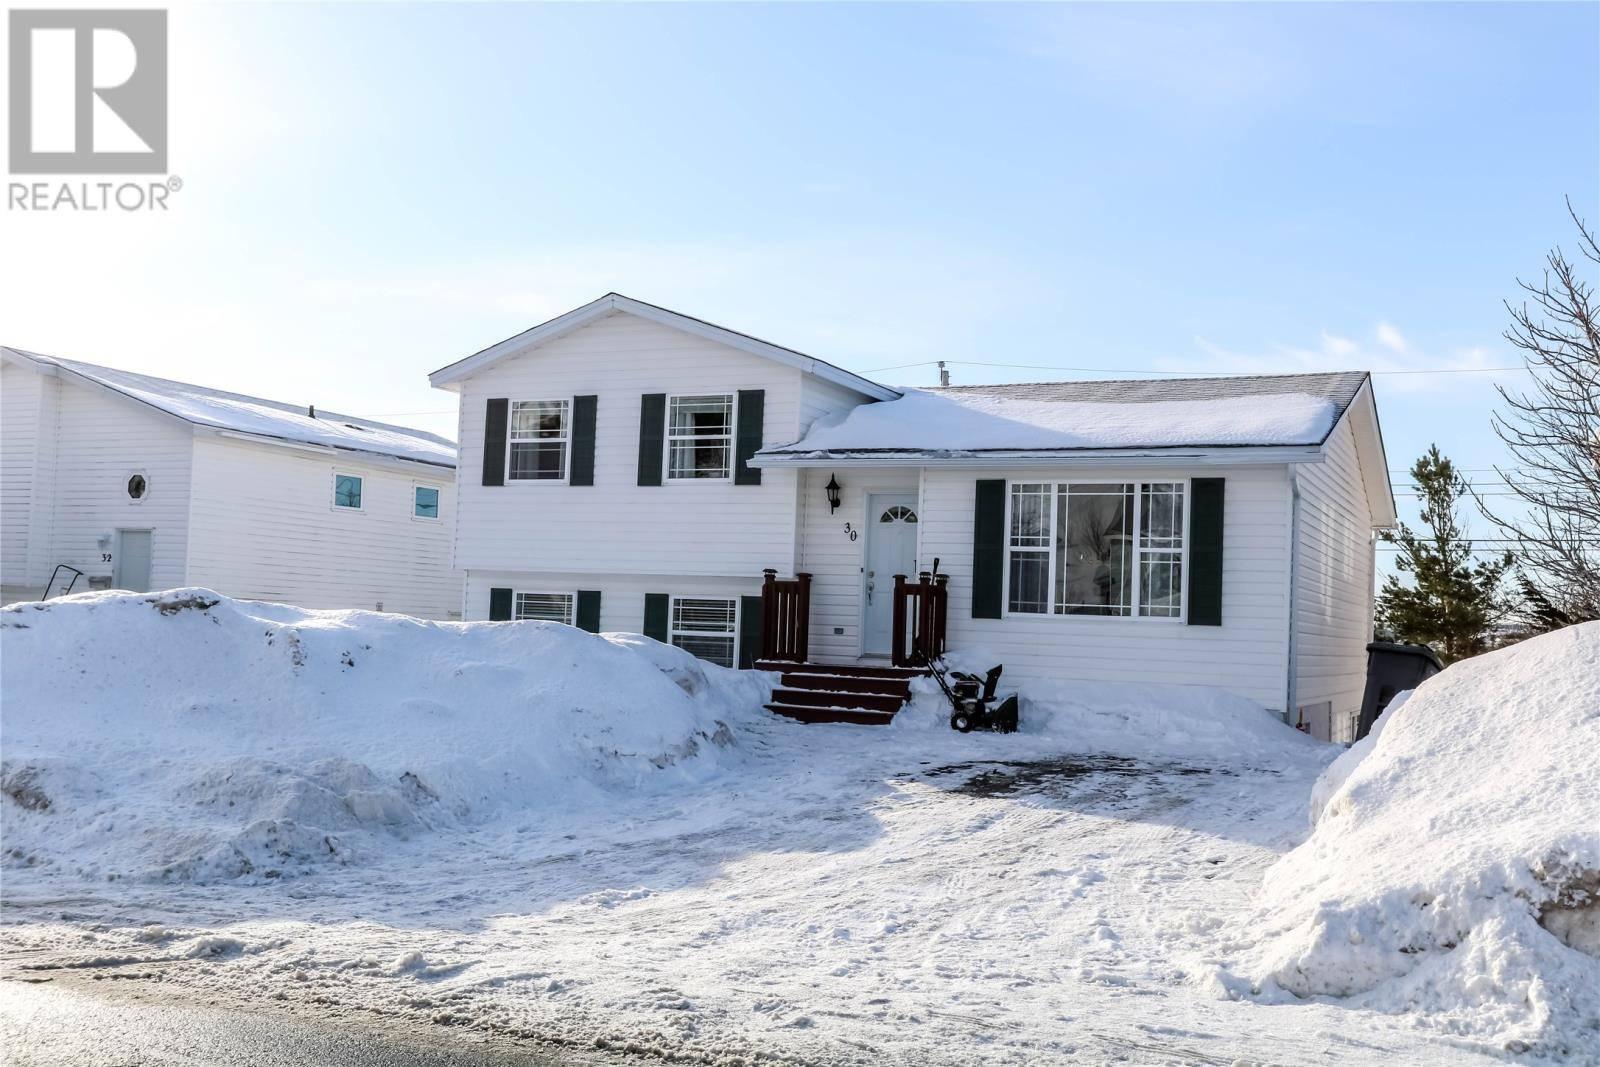 House for sale at 30 Hemmer Jane Dr Mt. Pearl Newfoundland - MLS: 1209652